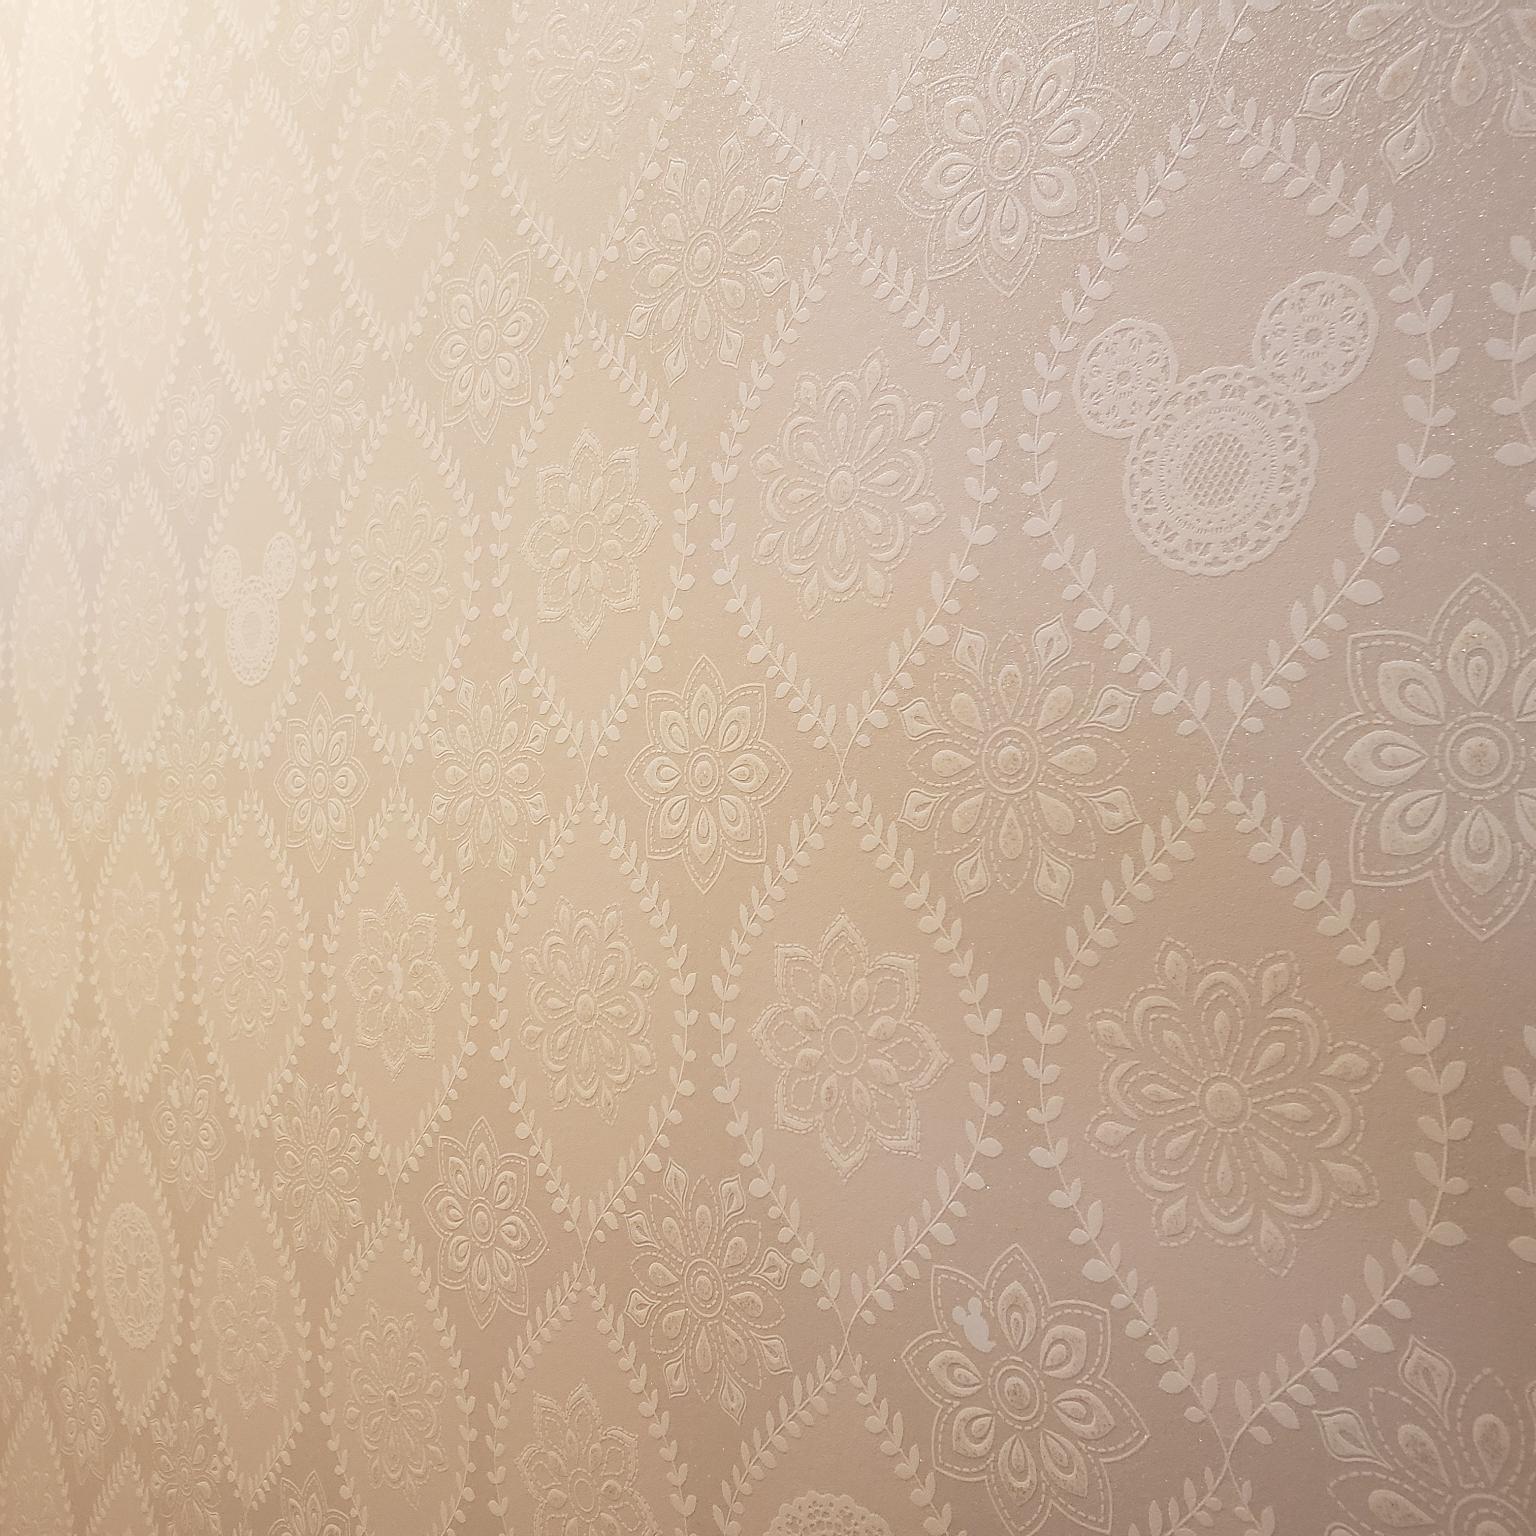 バス トイレ クロス ディズニー壁紙のインテリア実例 2020 03 24 17